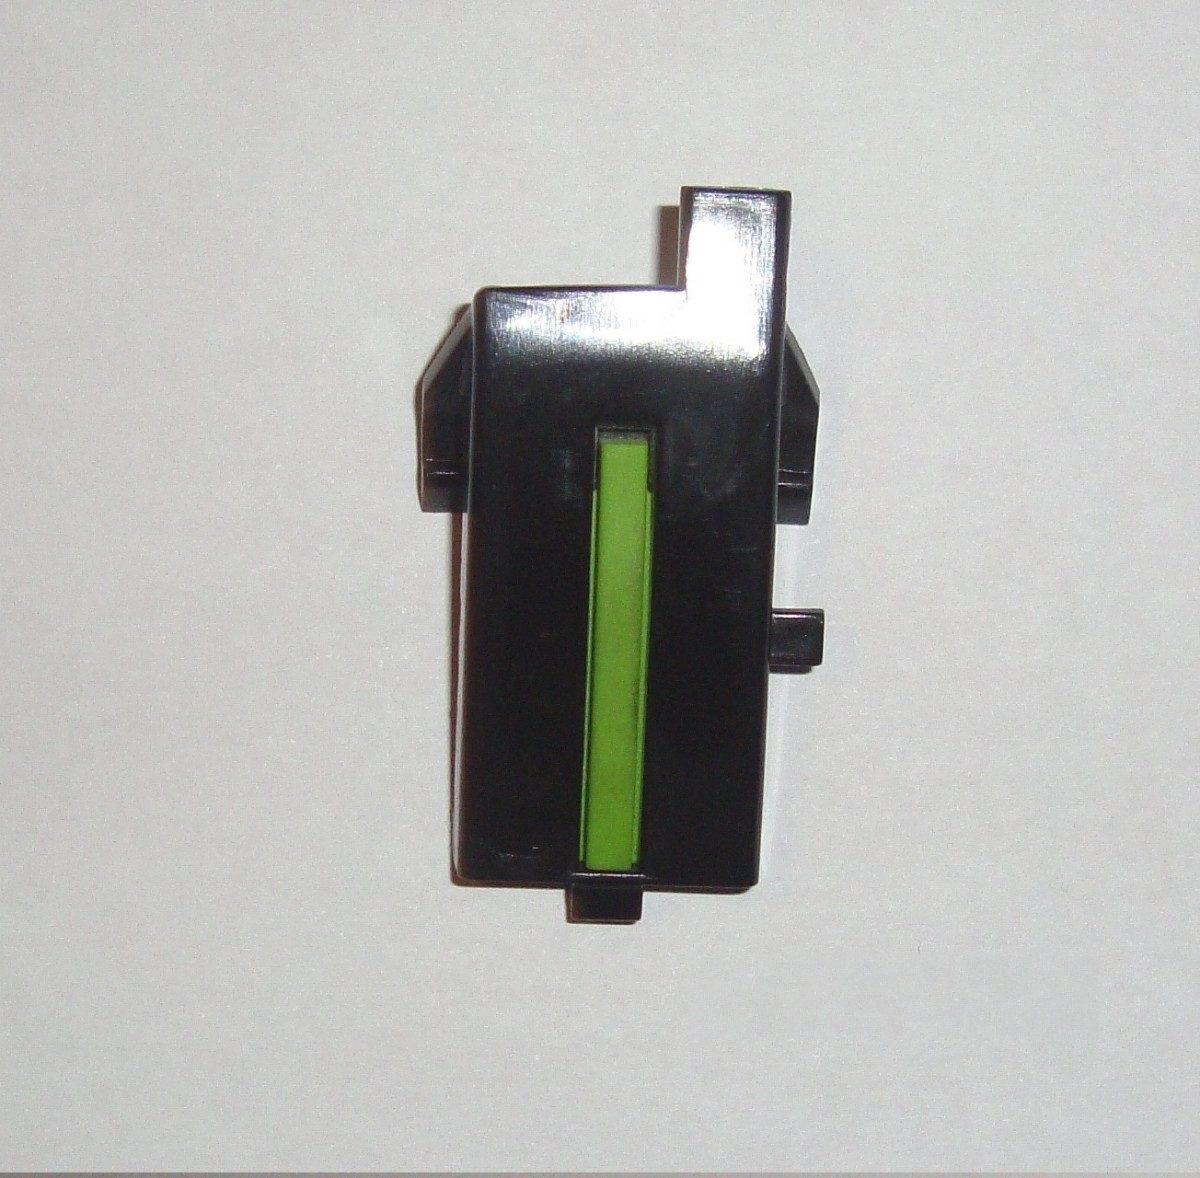 separador-de-folha-para-impressora-hp-14301-MLB4260543966_052013-F.jpg